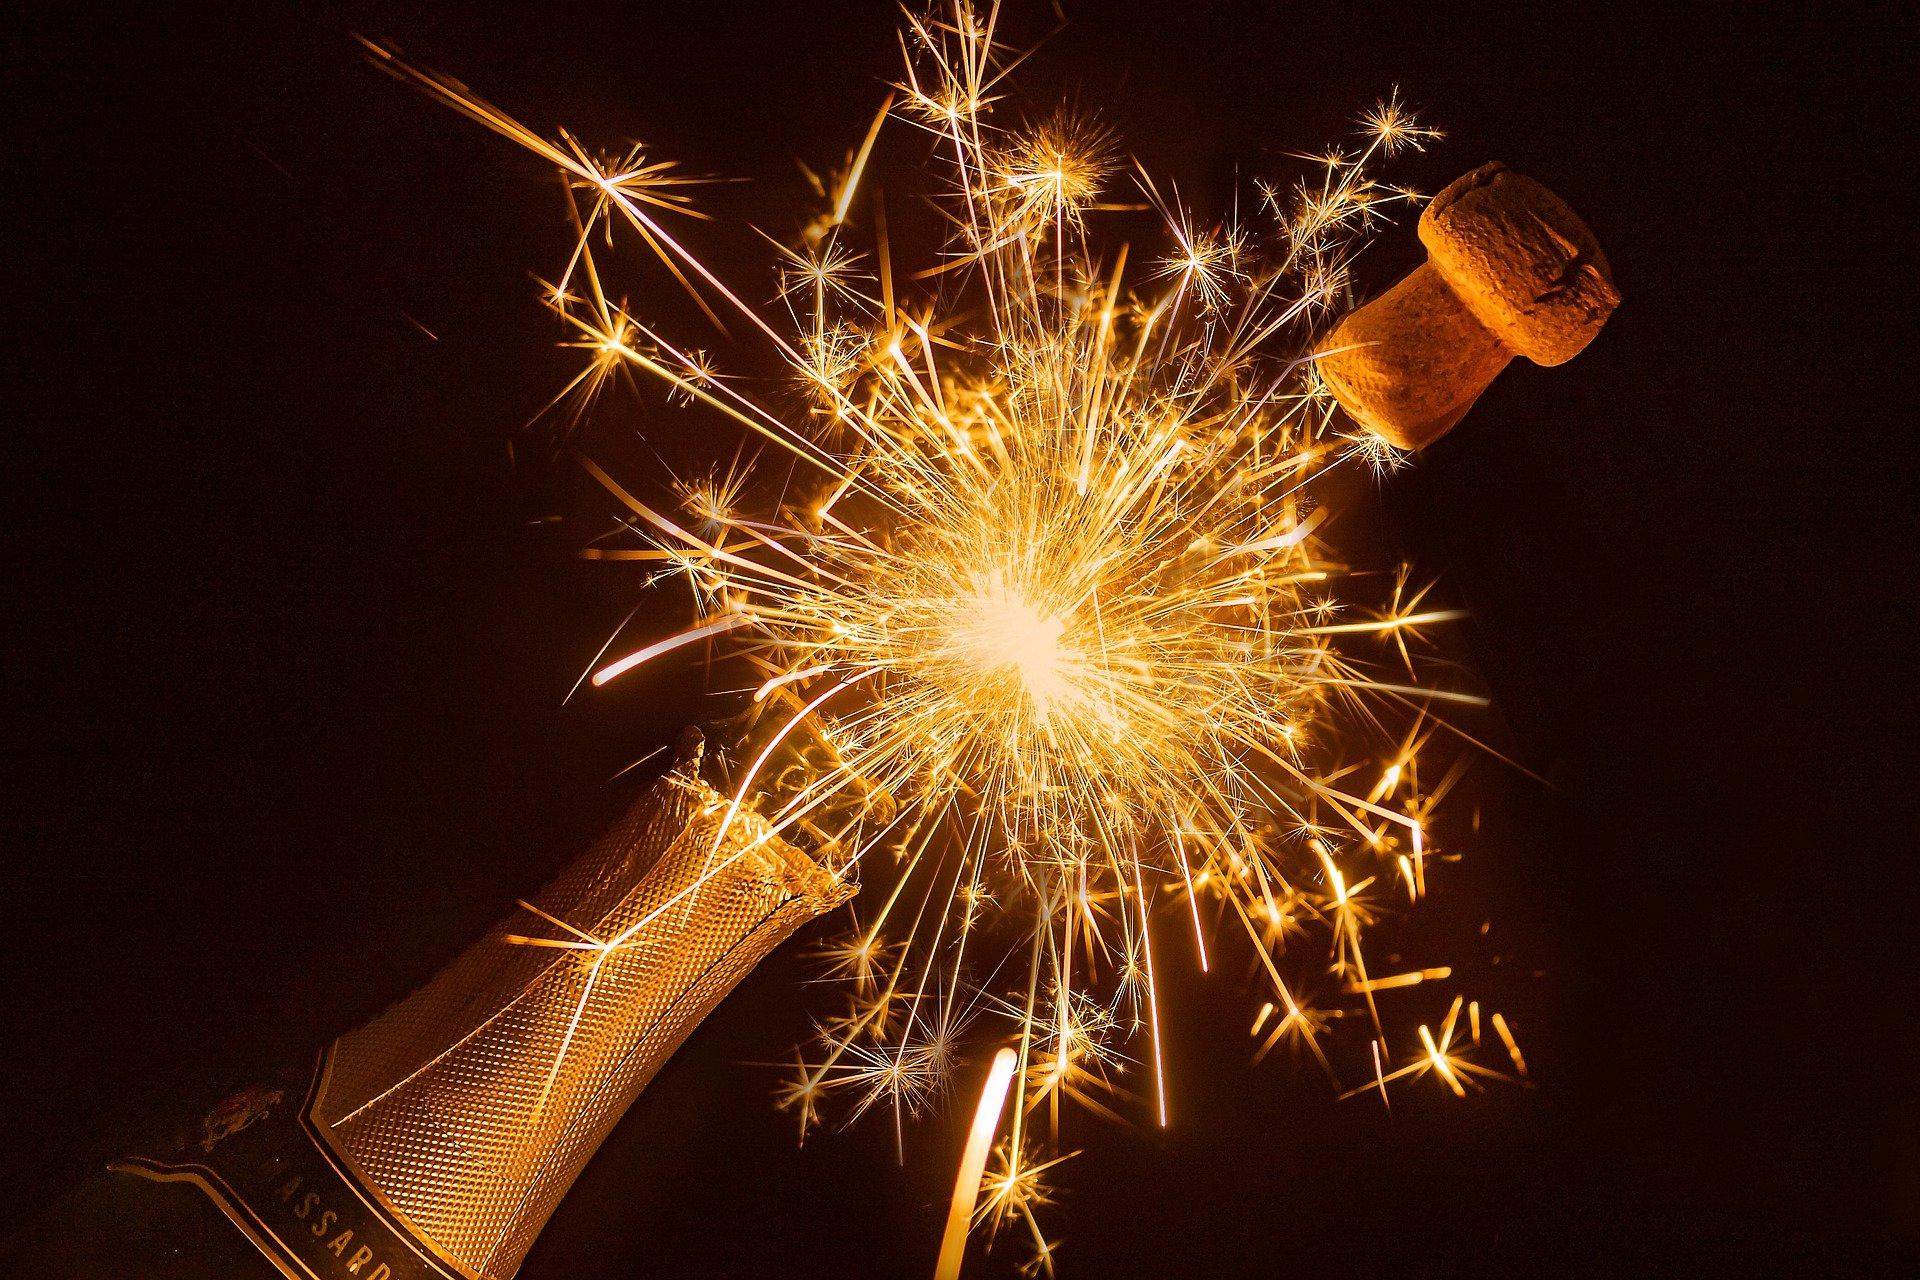 szampan-iskry